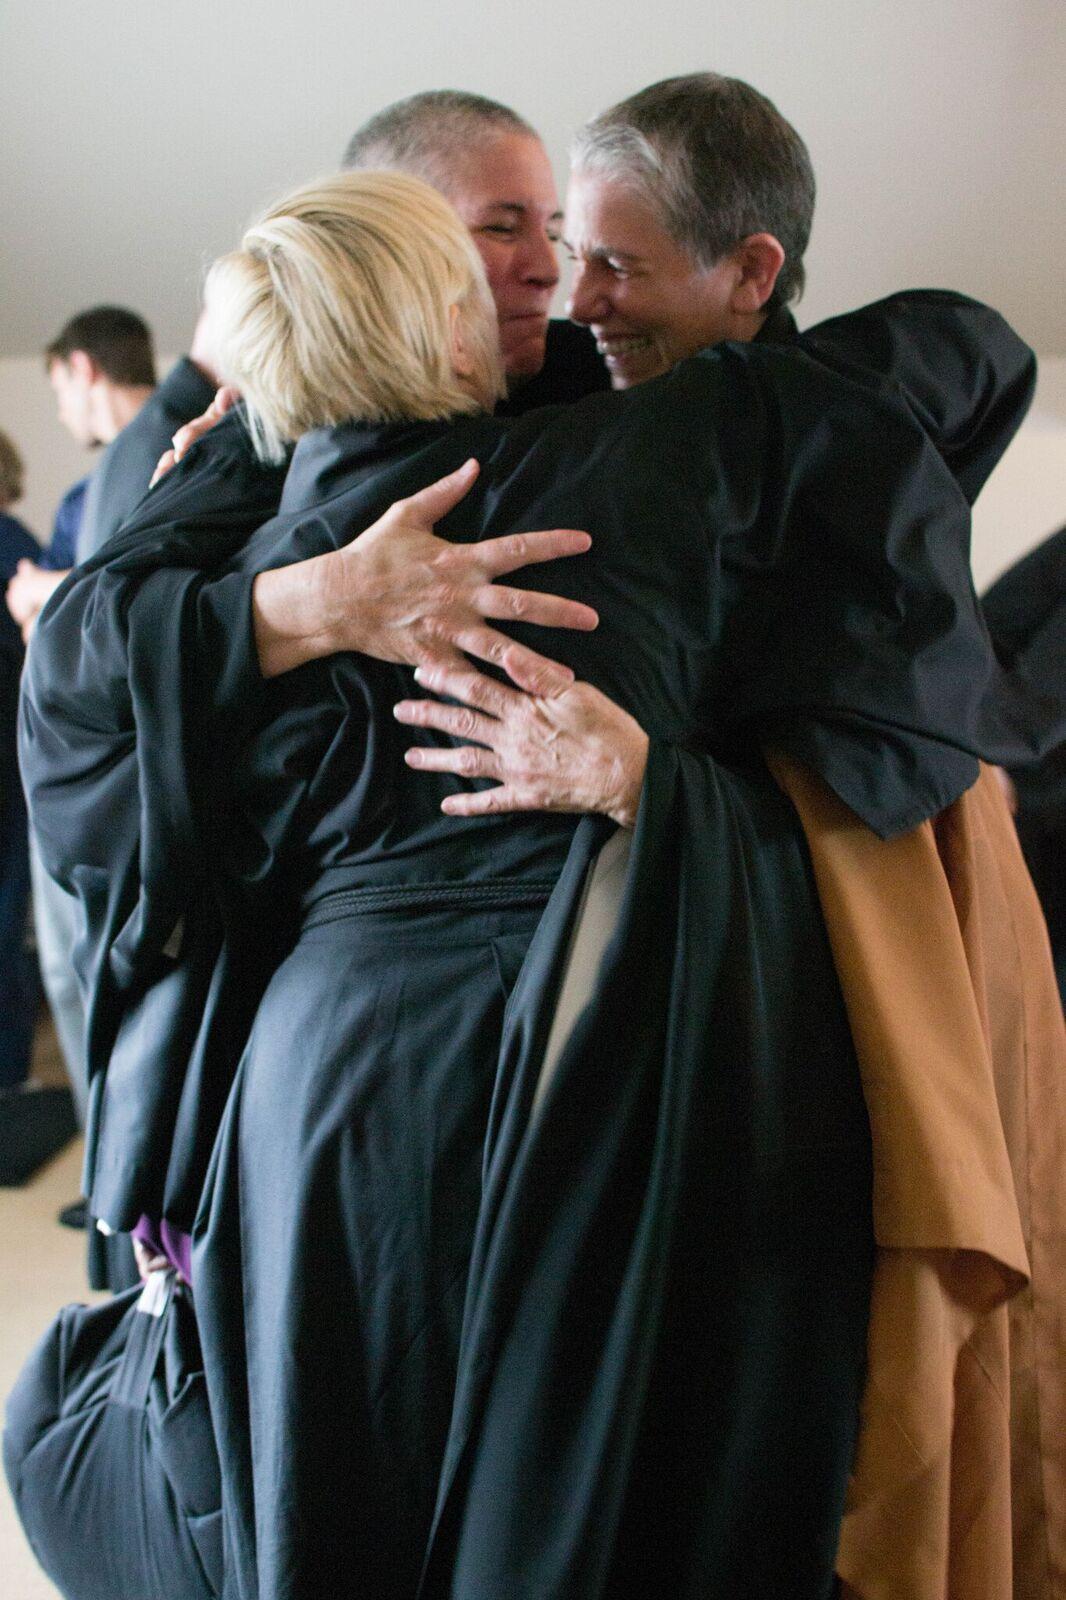 Group hug1